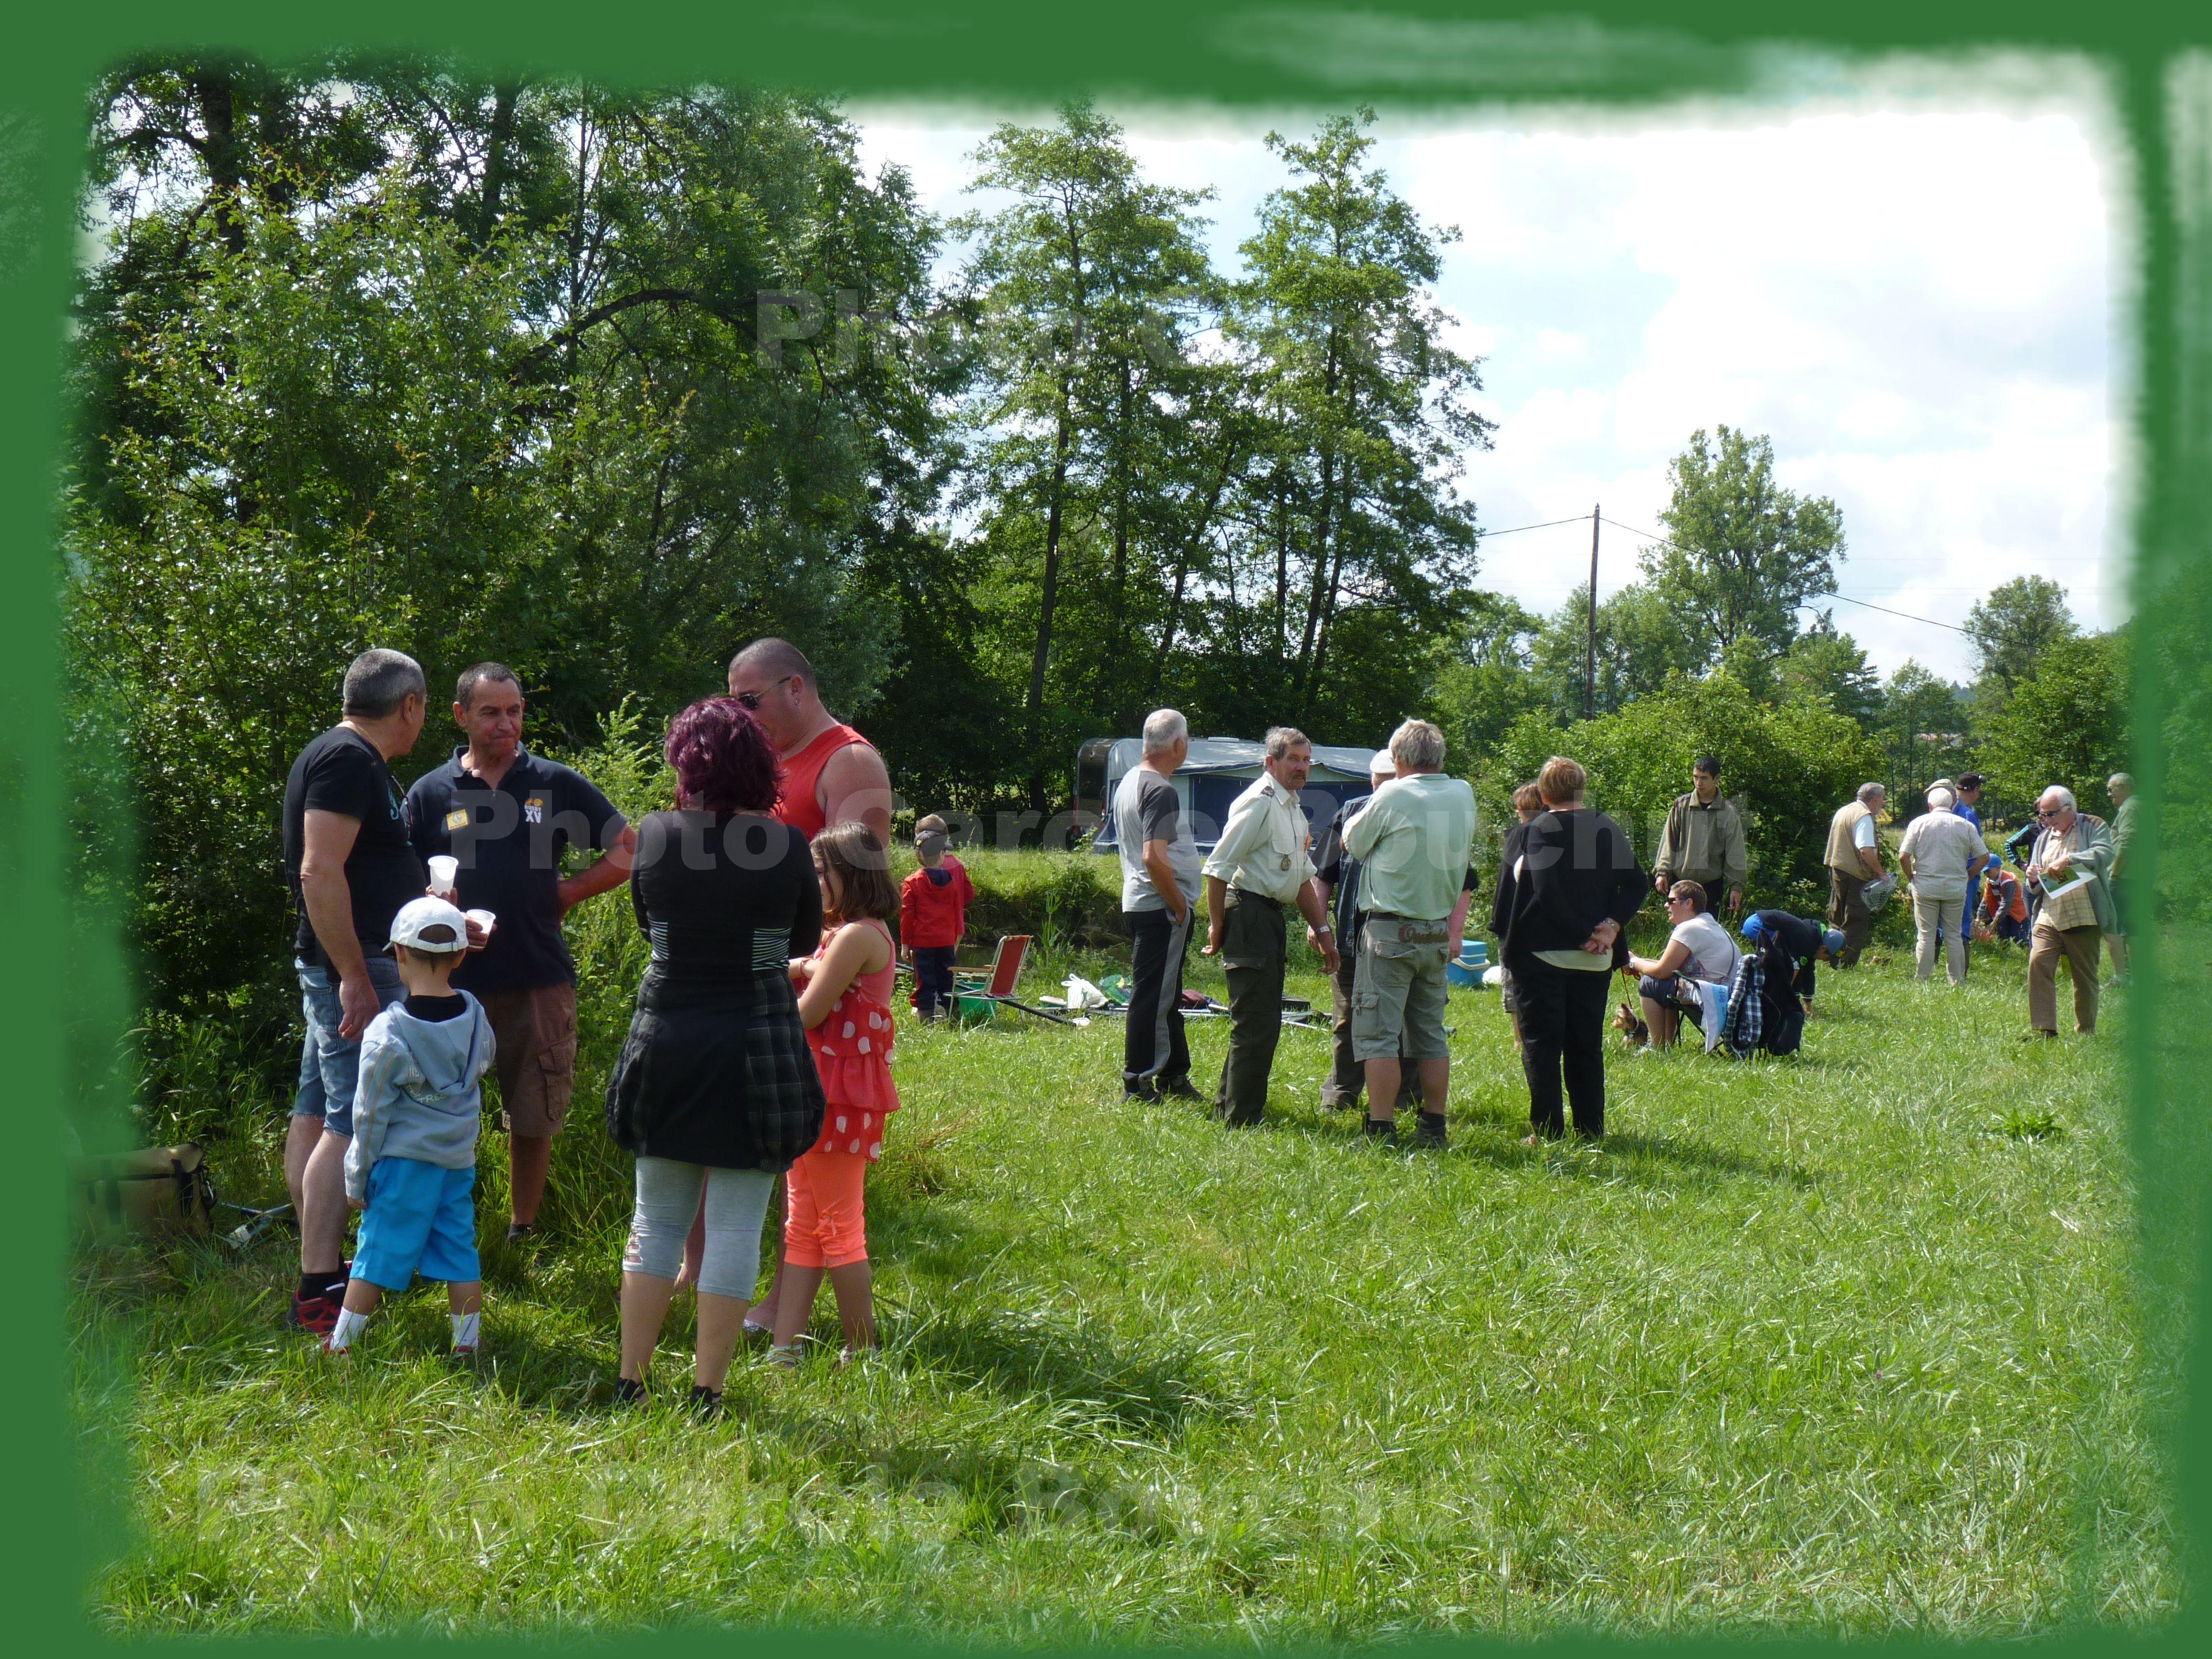 Petite édition pour la Pêche des enfants de Montfleur - 20 juin 2015